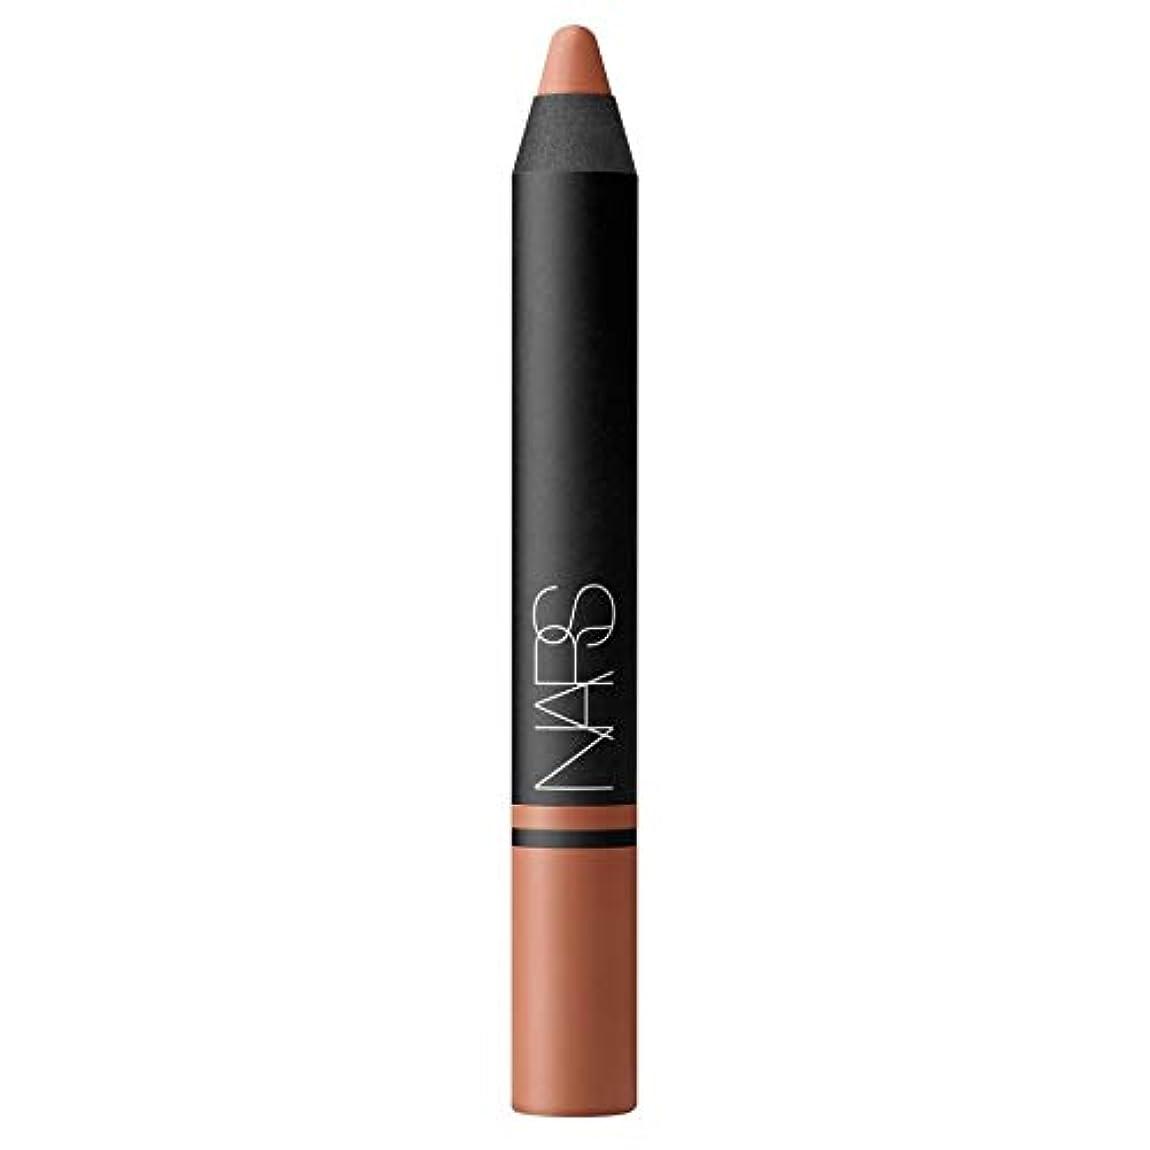 毒性回転有罪[NARS] ベッラ島でのNarサテンリップペンシル - Nars Satin Lip Pencil in Isola Bella [並行輸入品]